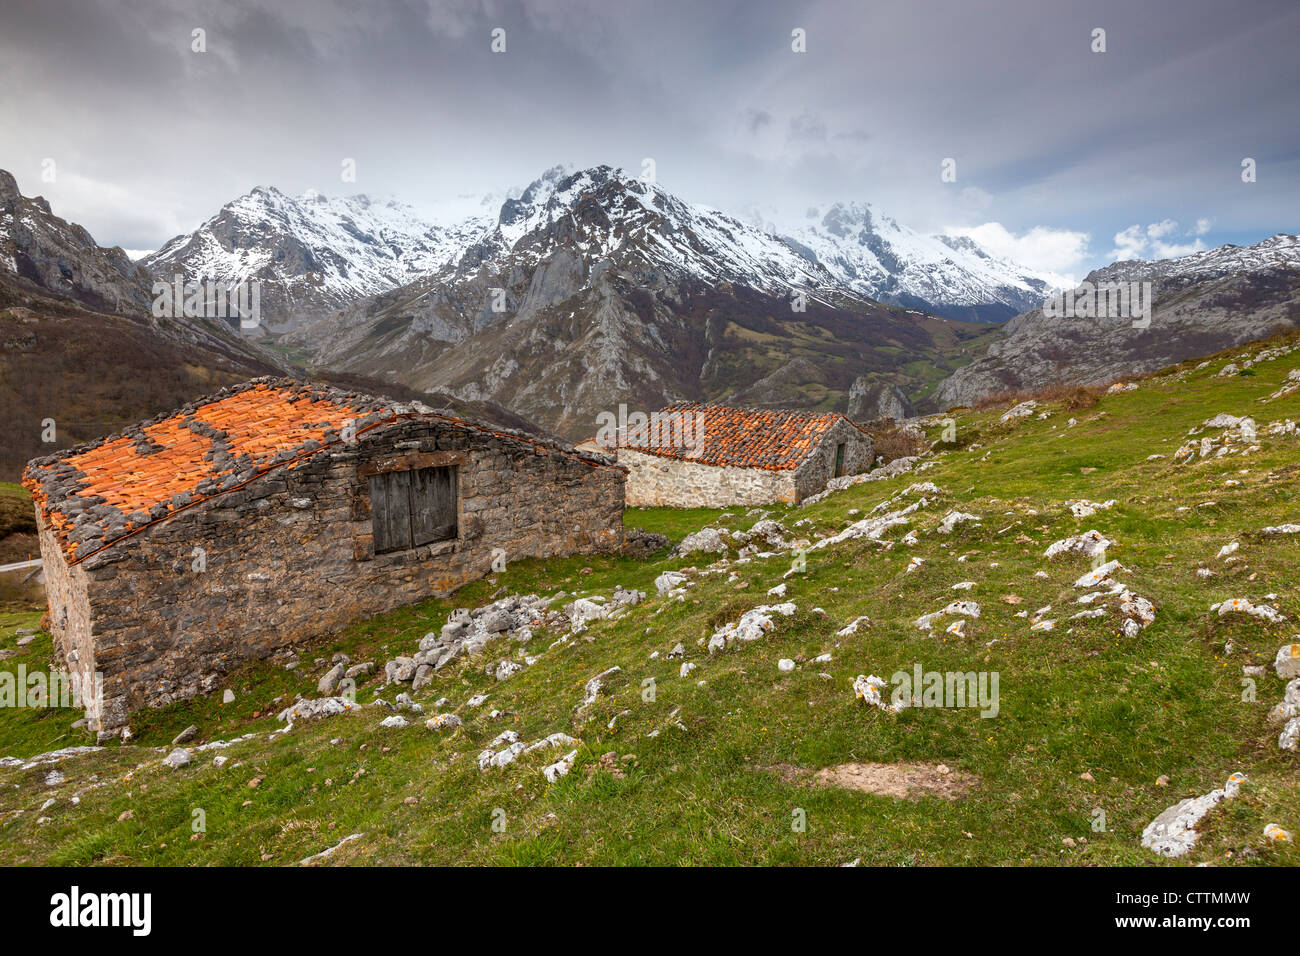 Invernales de La Caballa over Sotres, Picos de Europa, Asturian municipality of Cabrales, Spain - Stock Image